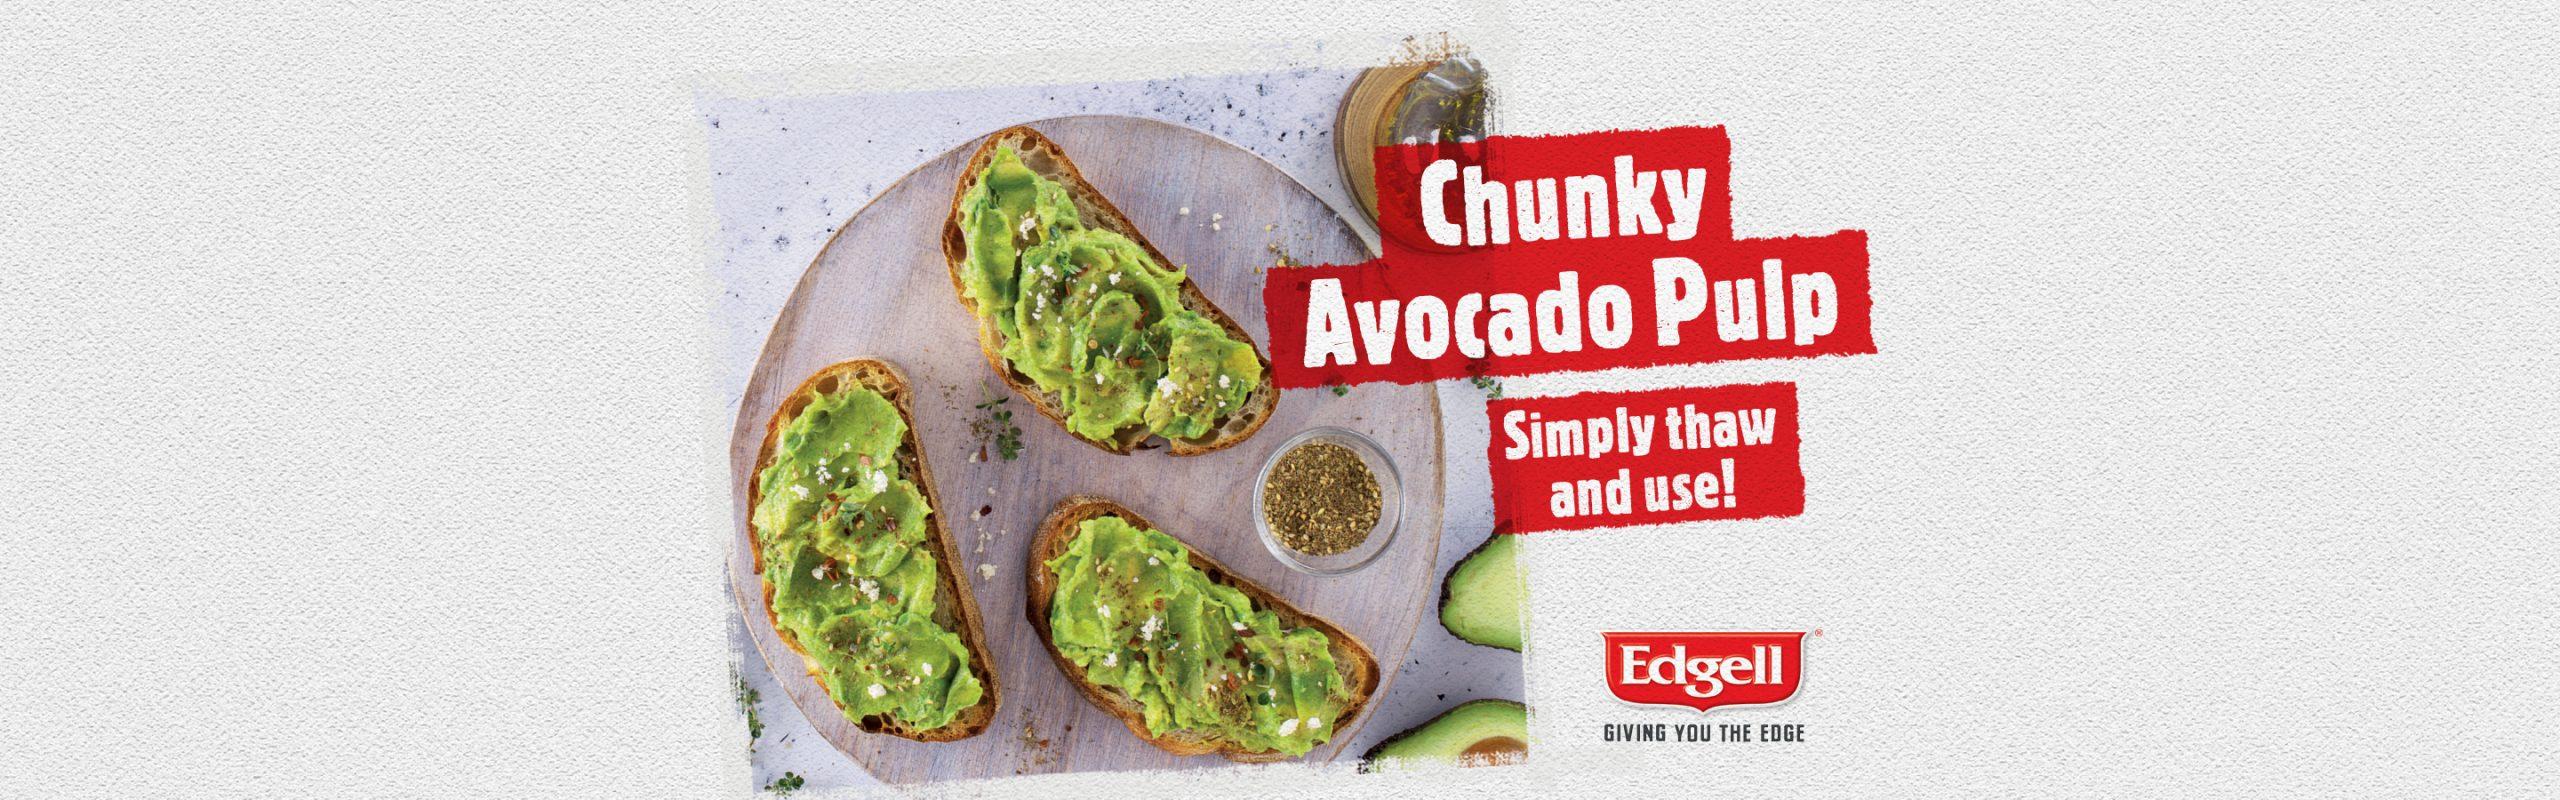 Chunky avocado pulp